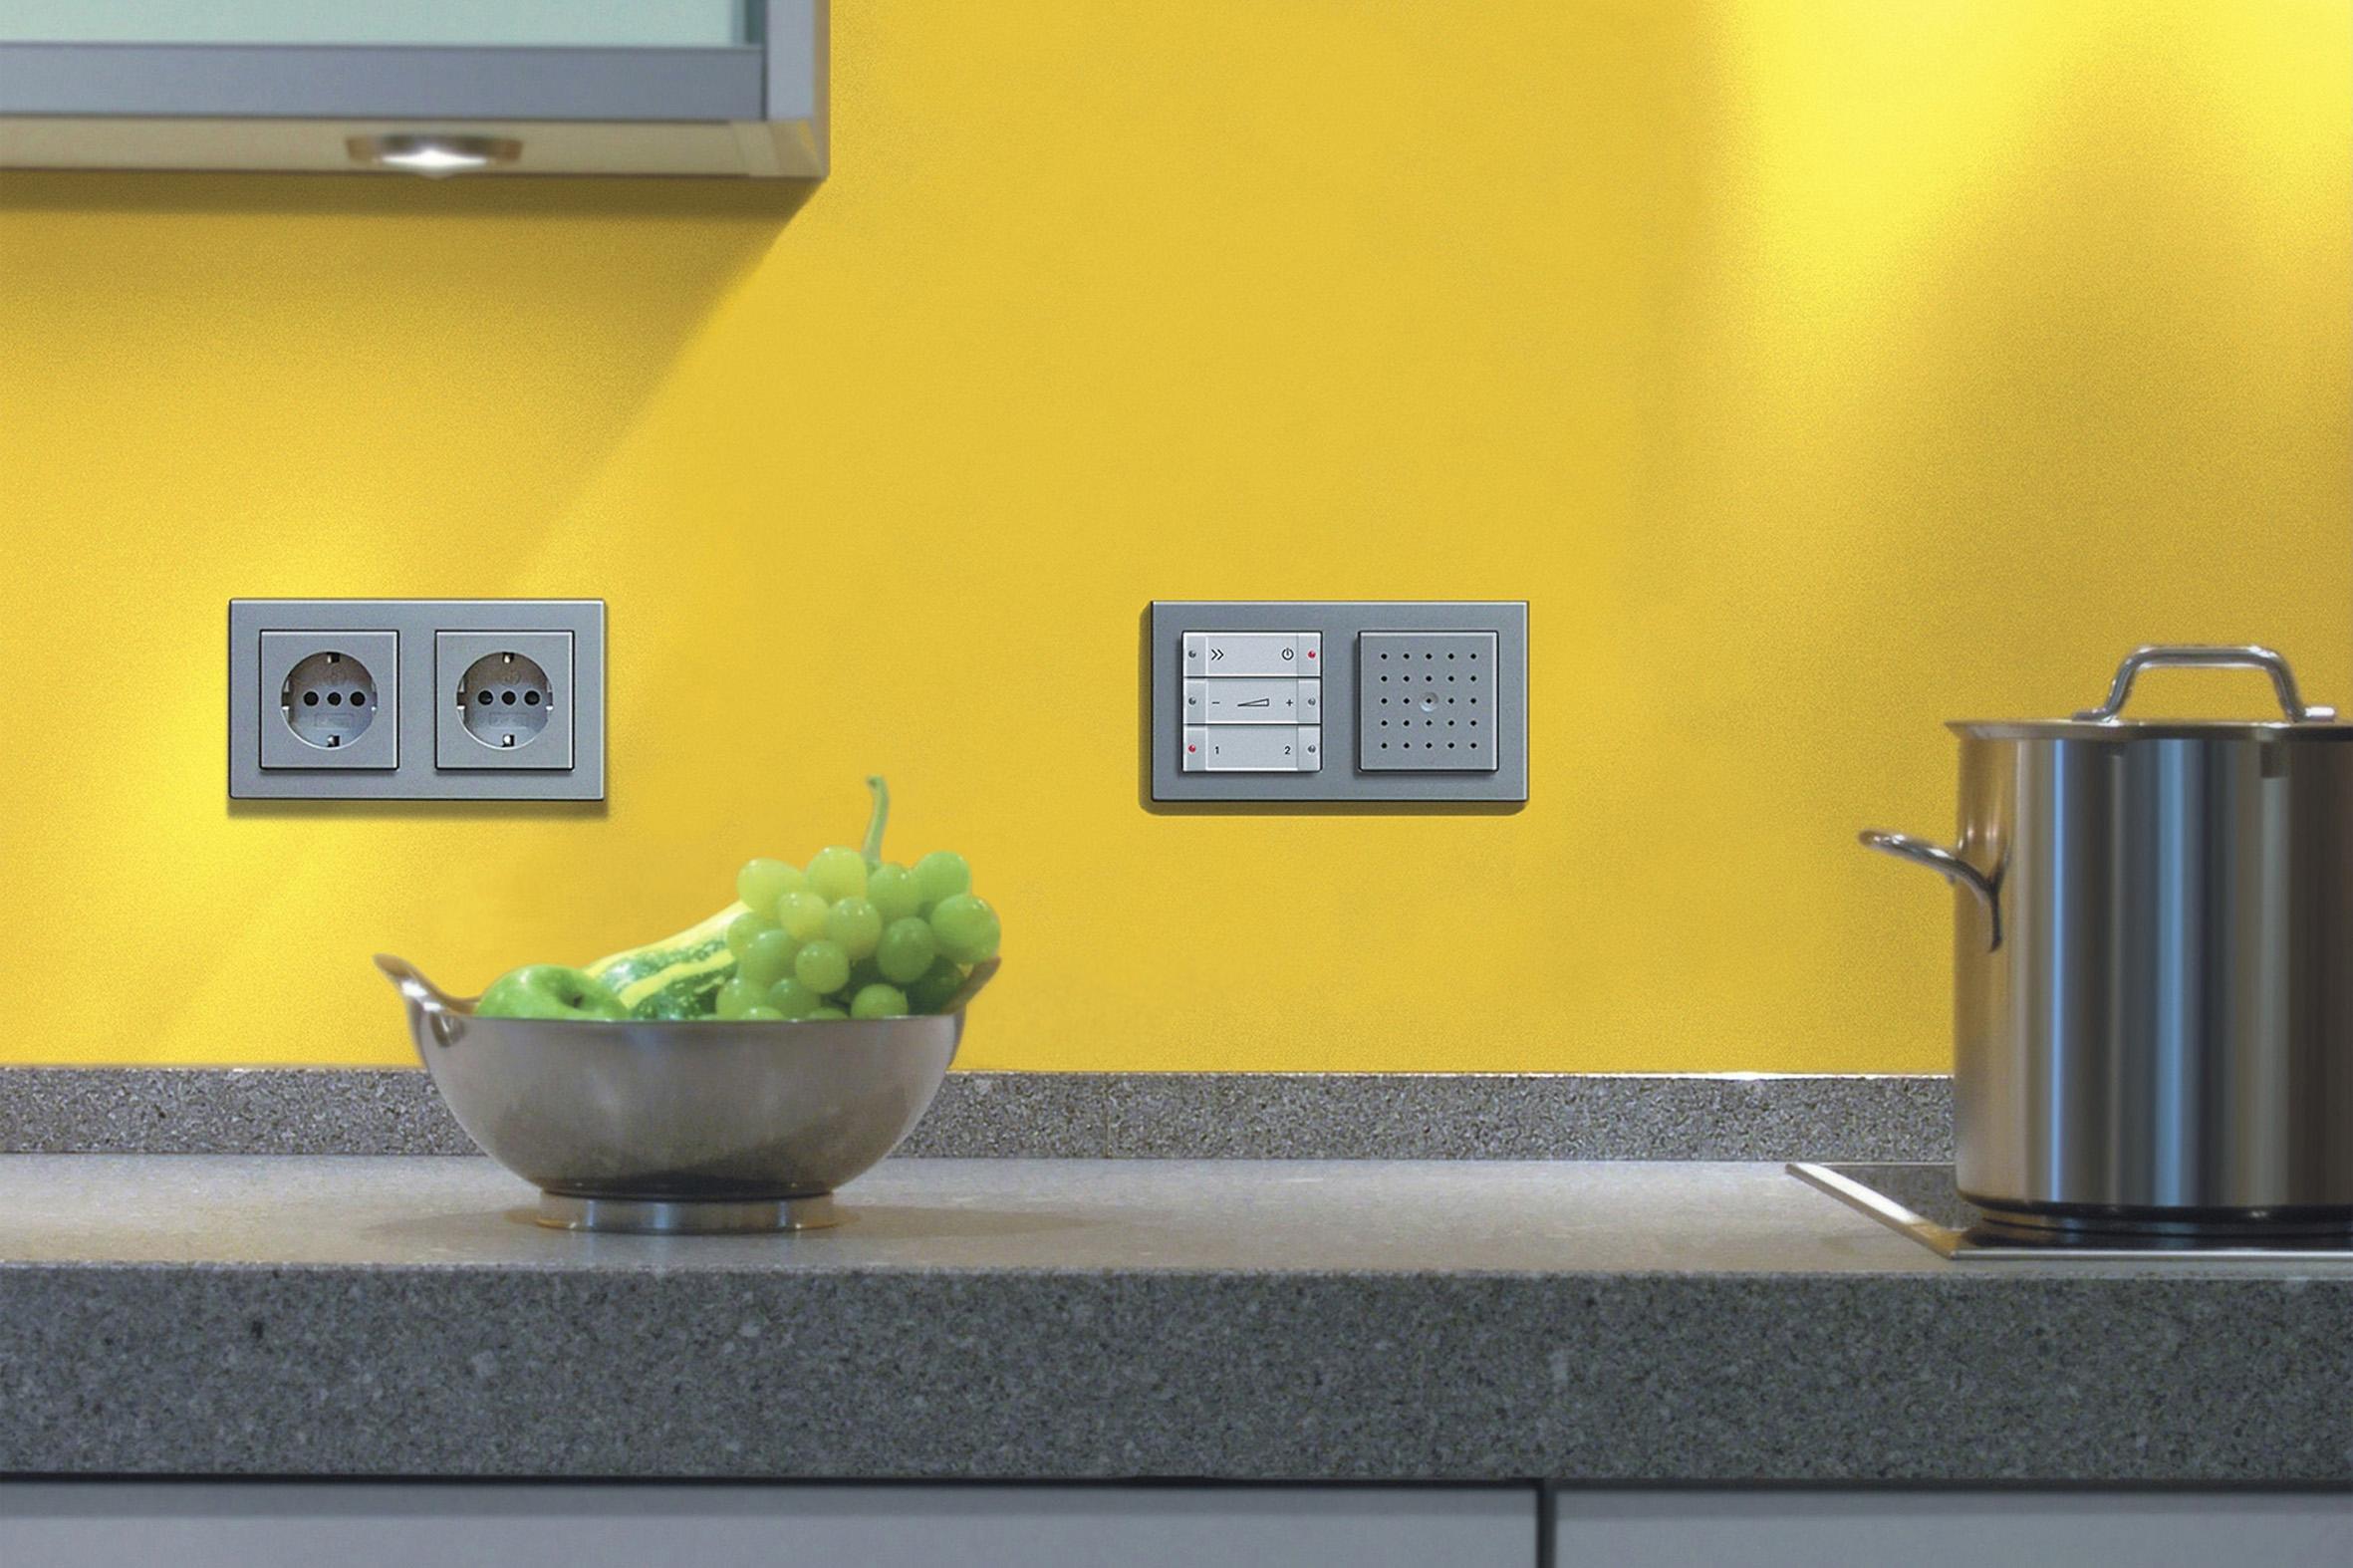 In der Küche werden für Kühlschrank, Mixer und Co die meisten Steckdosen benötigt. Elektroinstallationen bieten Komfort: wie zum Beispiel dieses in die Wand integrierte Radio.